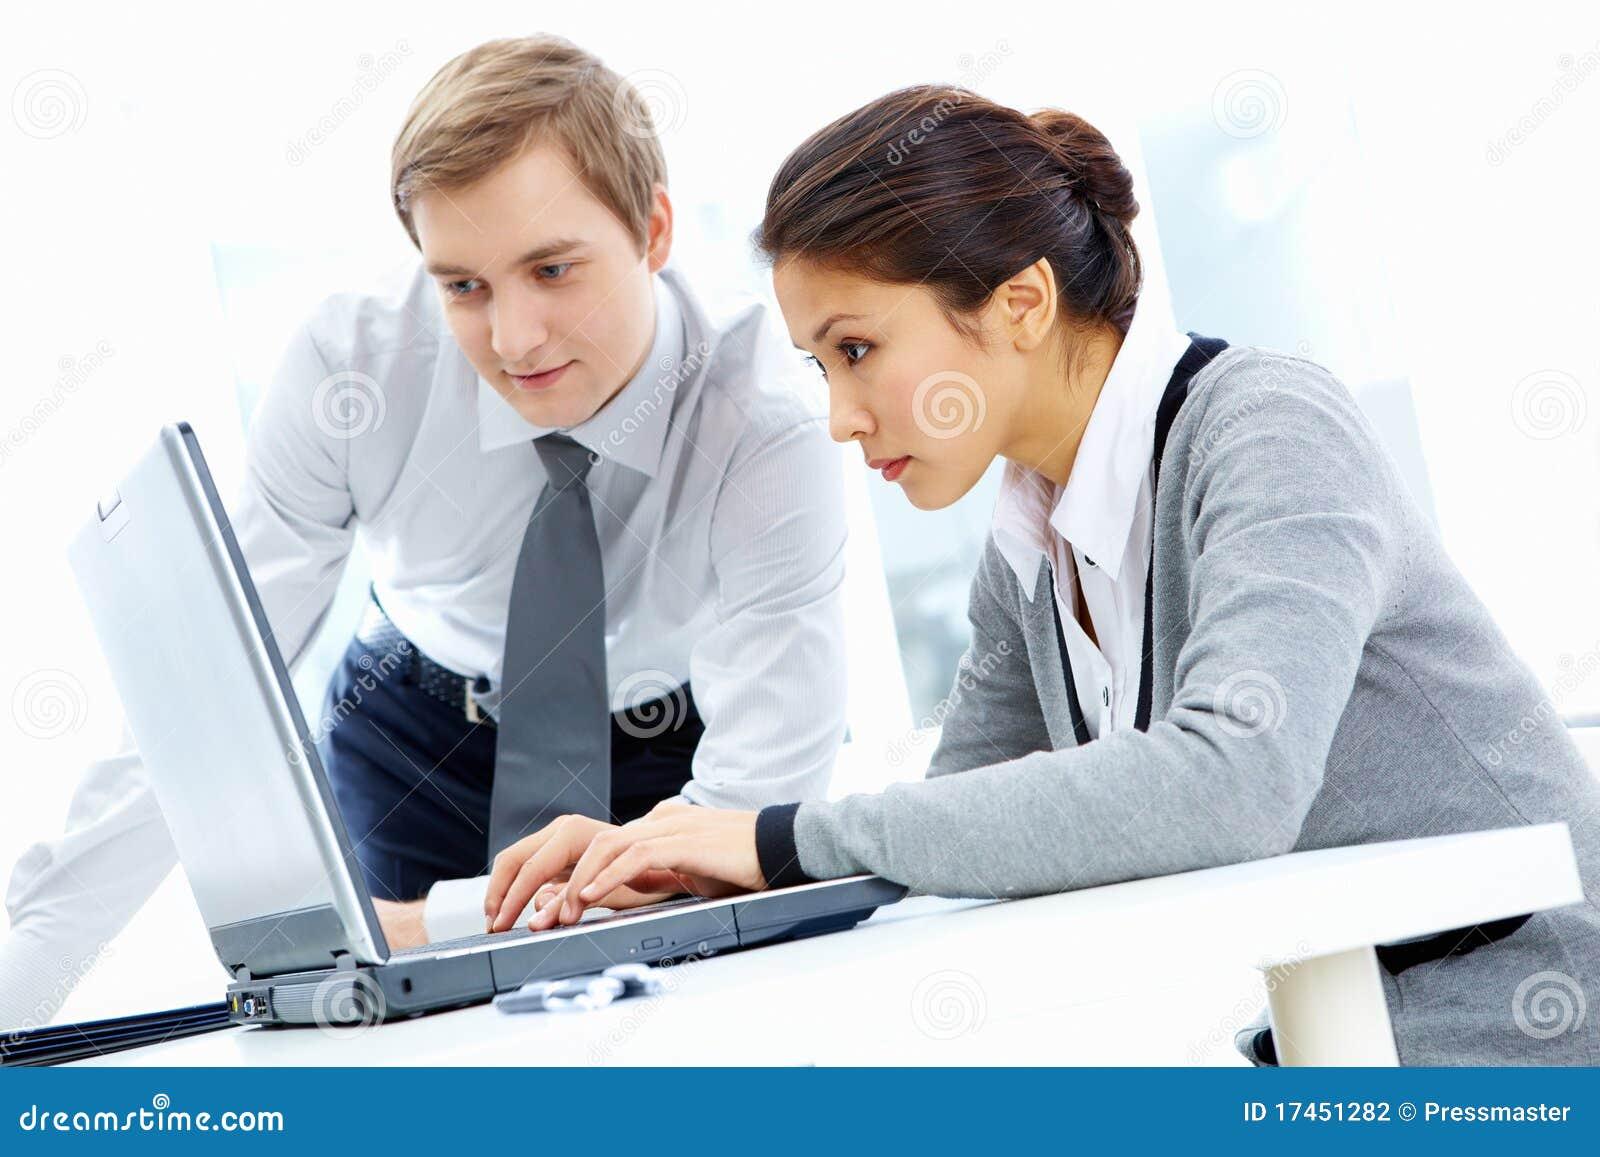 Lavoro d 39 ufficio fotografia stock immagine di for Ufficio lavoro